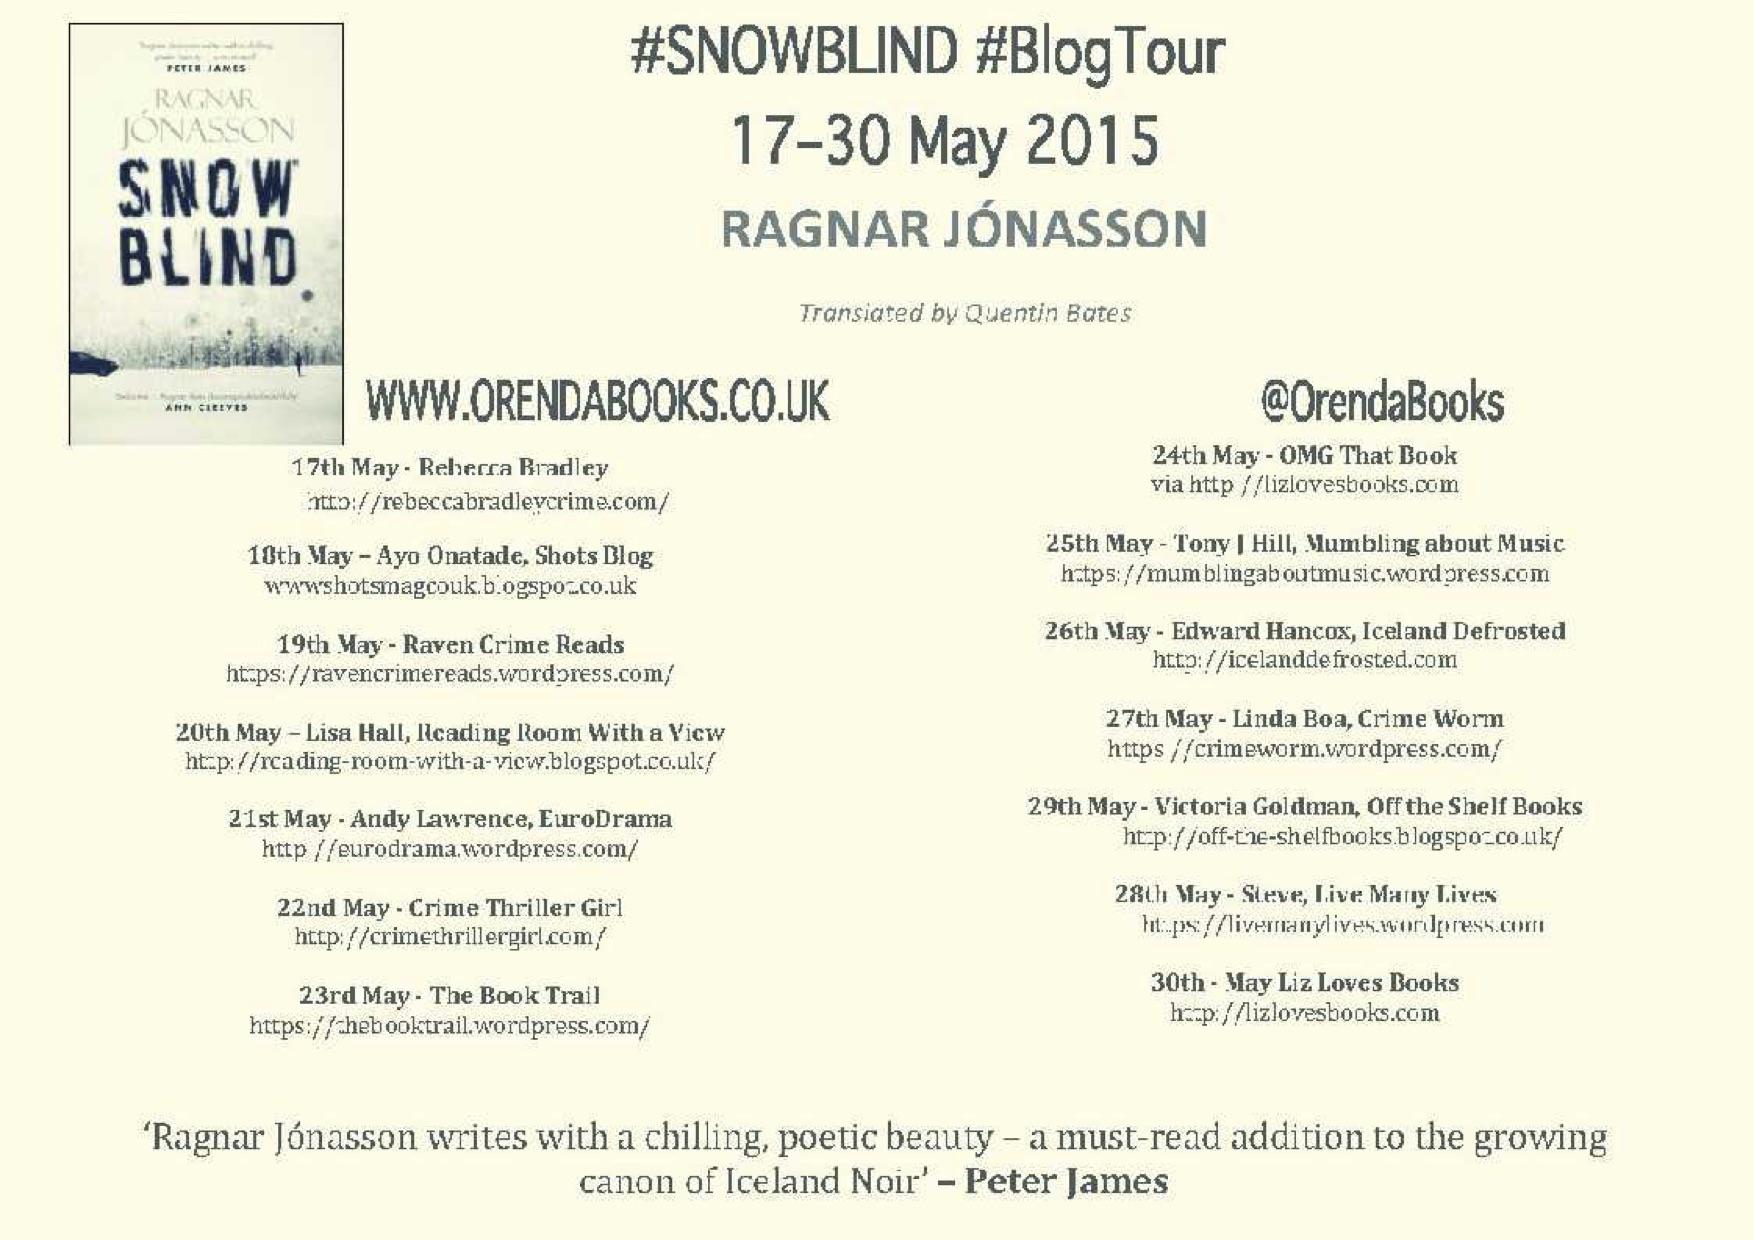 Snowbling blog tour (2)